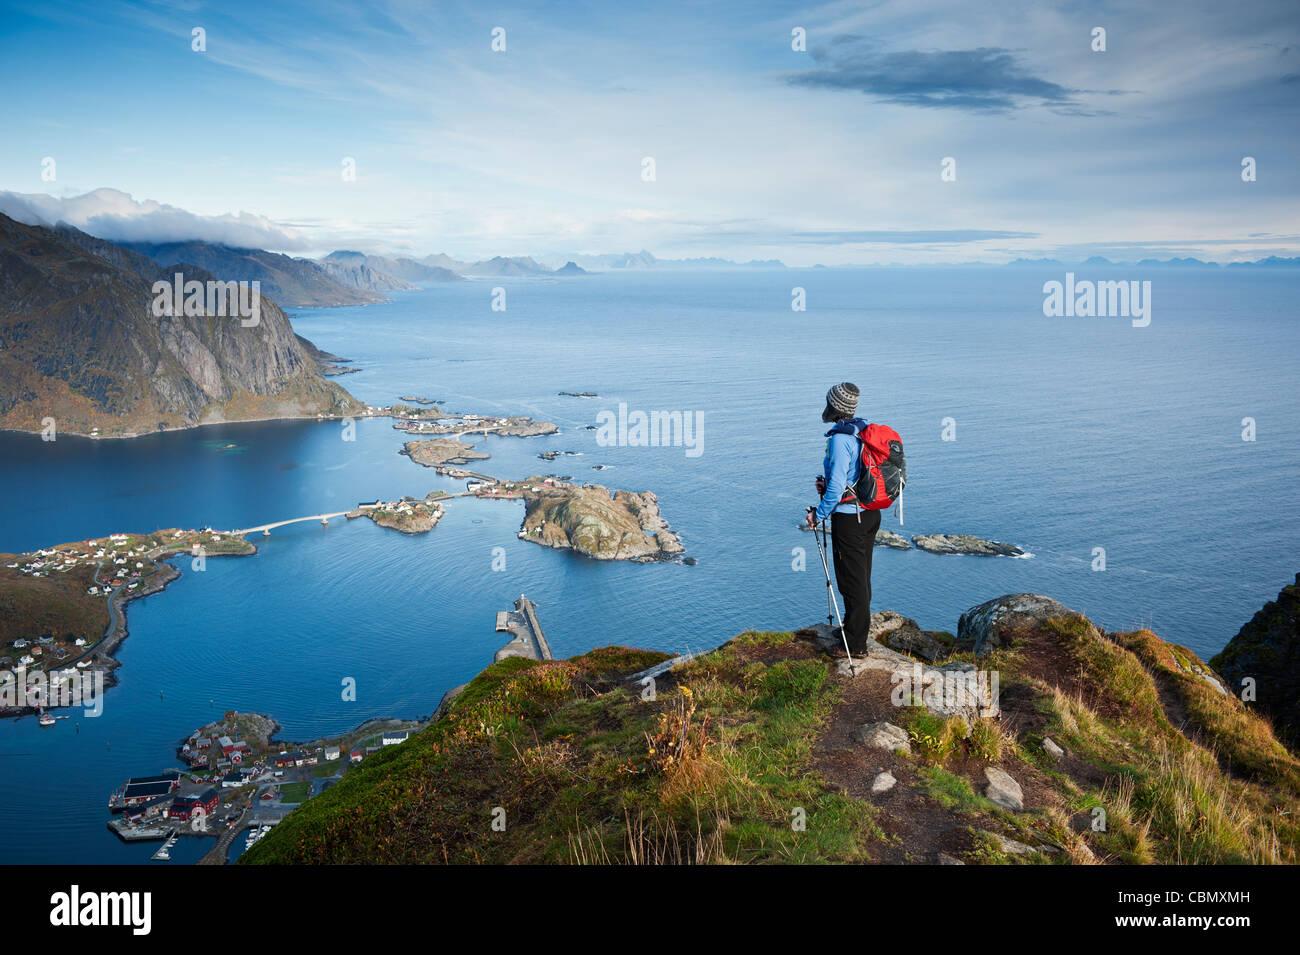 Weibliche Wanderer genießt Aussicht über Berge und Fjorde von Reinebringen, Lofoten Inseln, Norwegen Stockbild